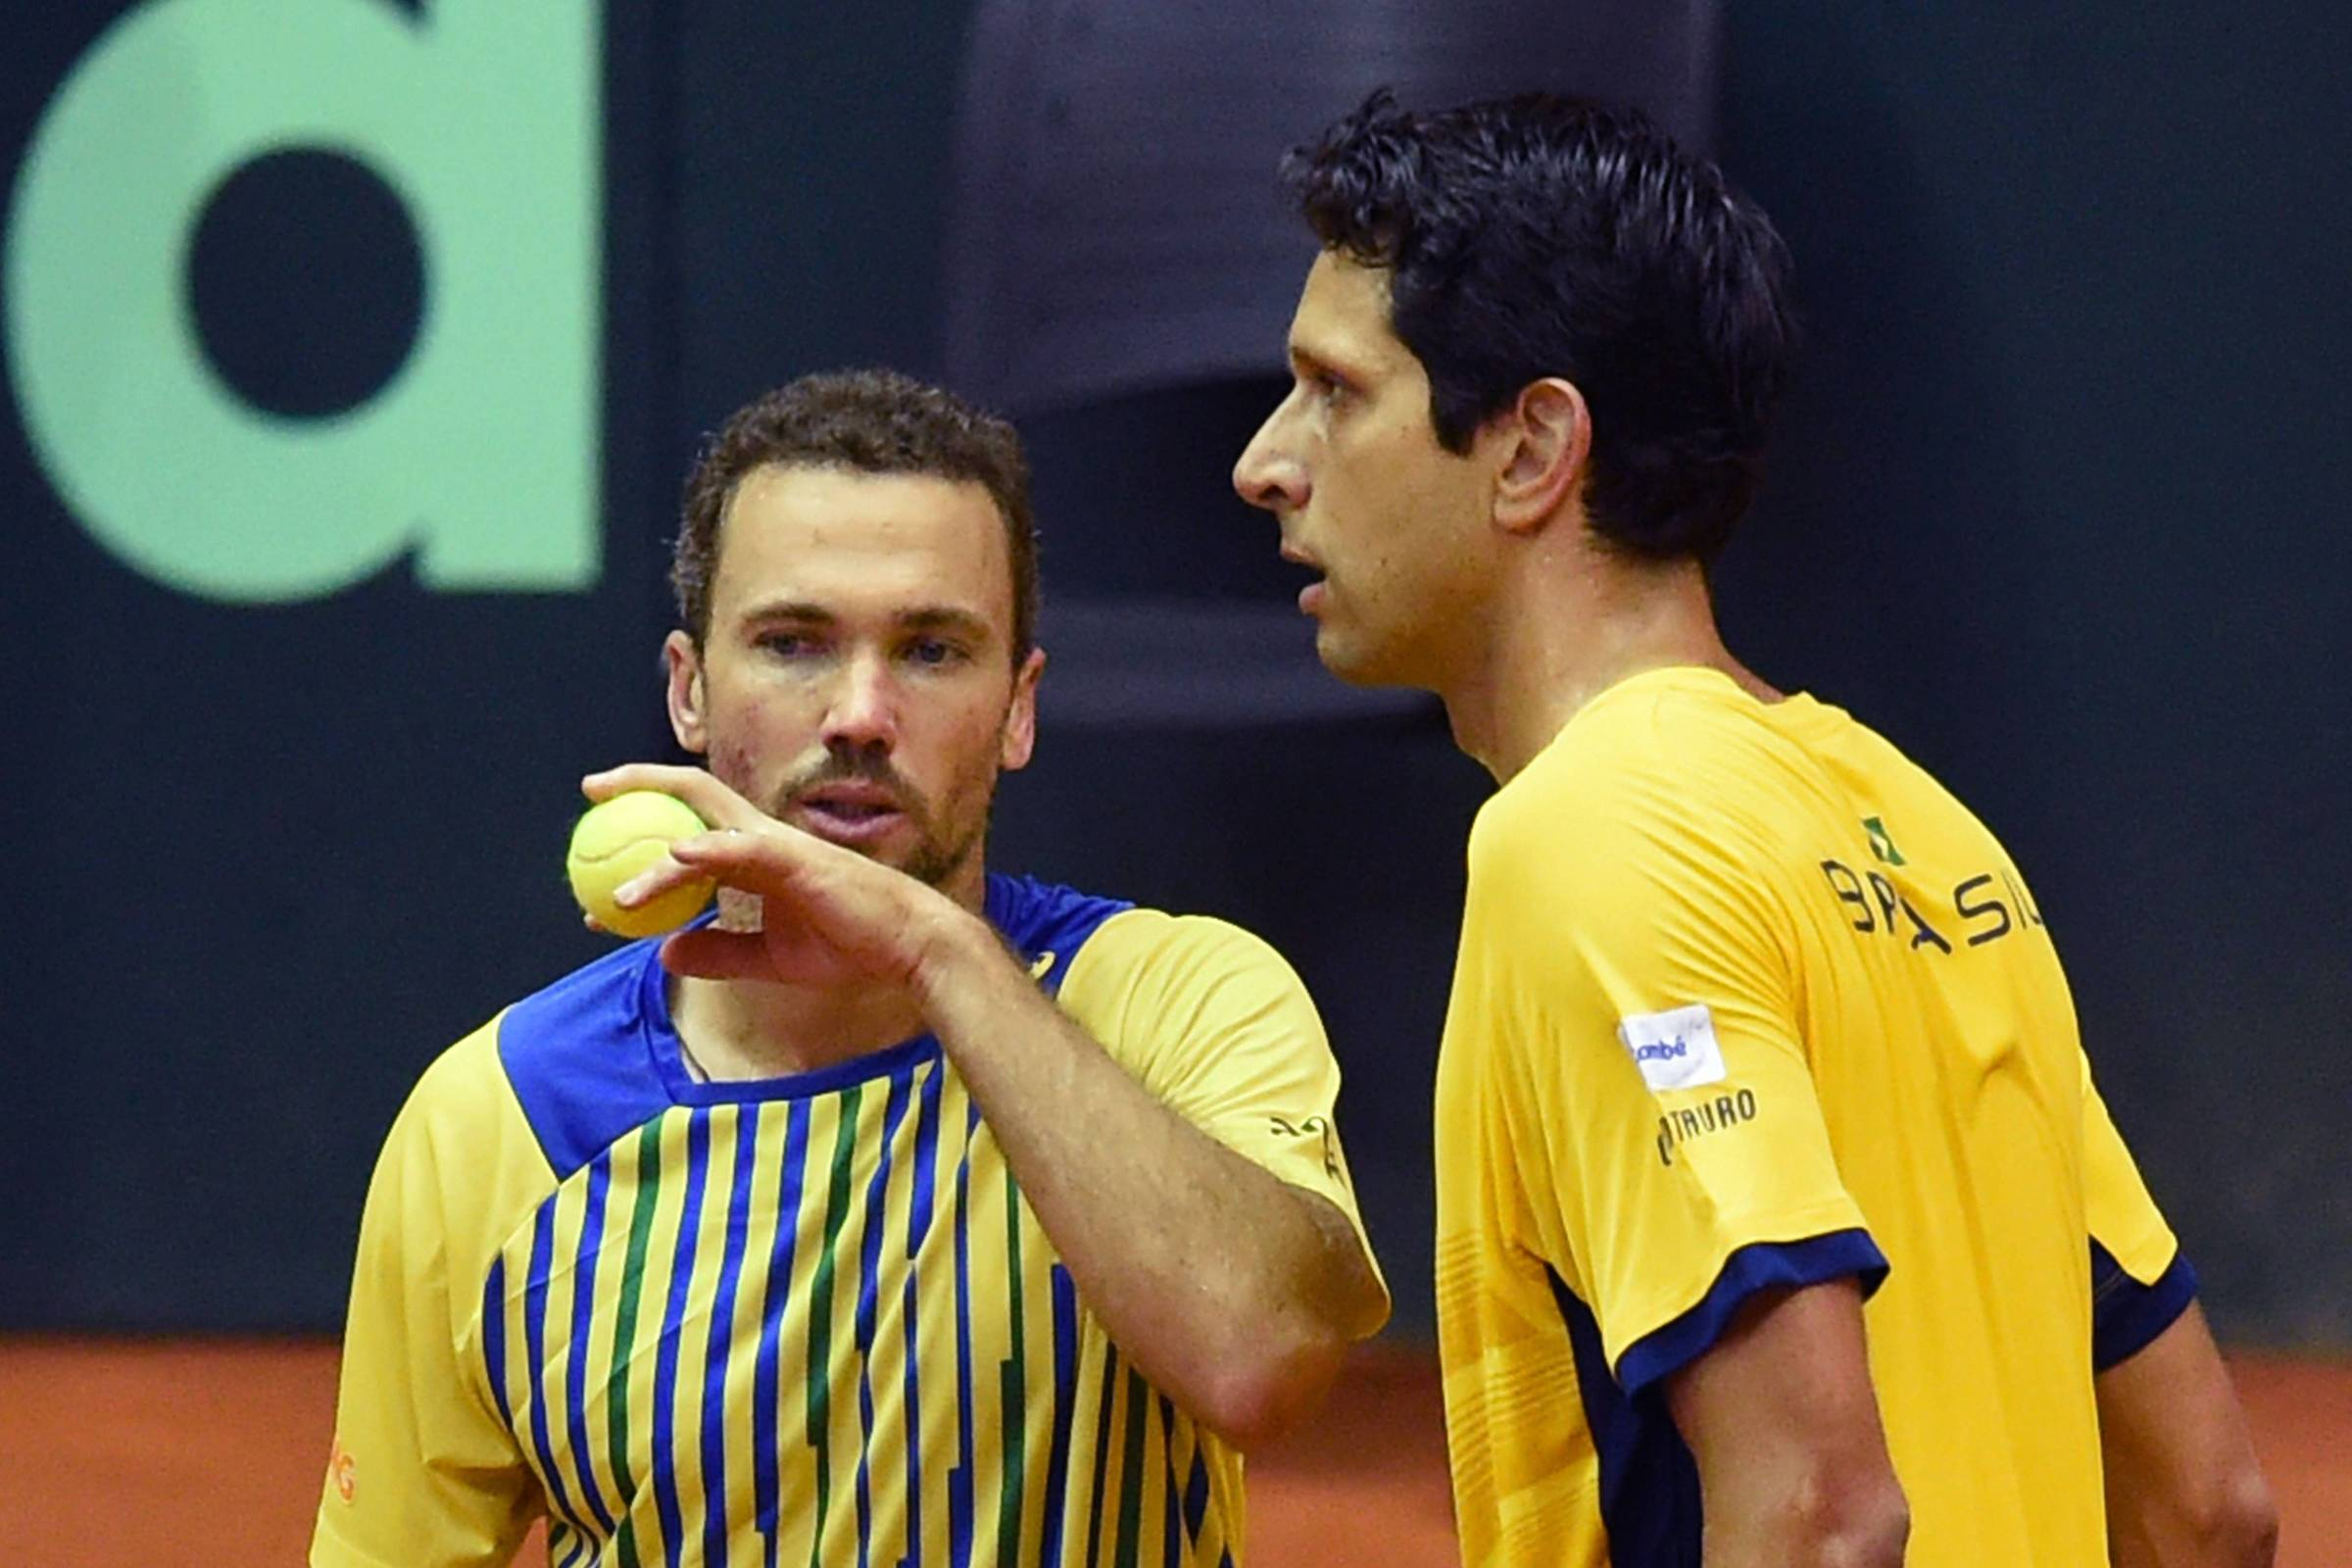 La apendicitis le quita a Bruno Soares la posibilidad de una medalla en tenis – 21/07/2021 – Sport / Brasil